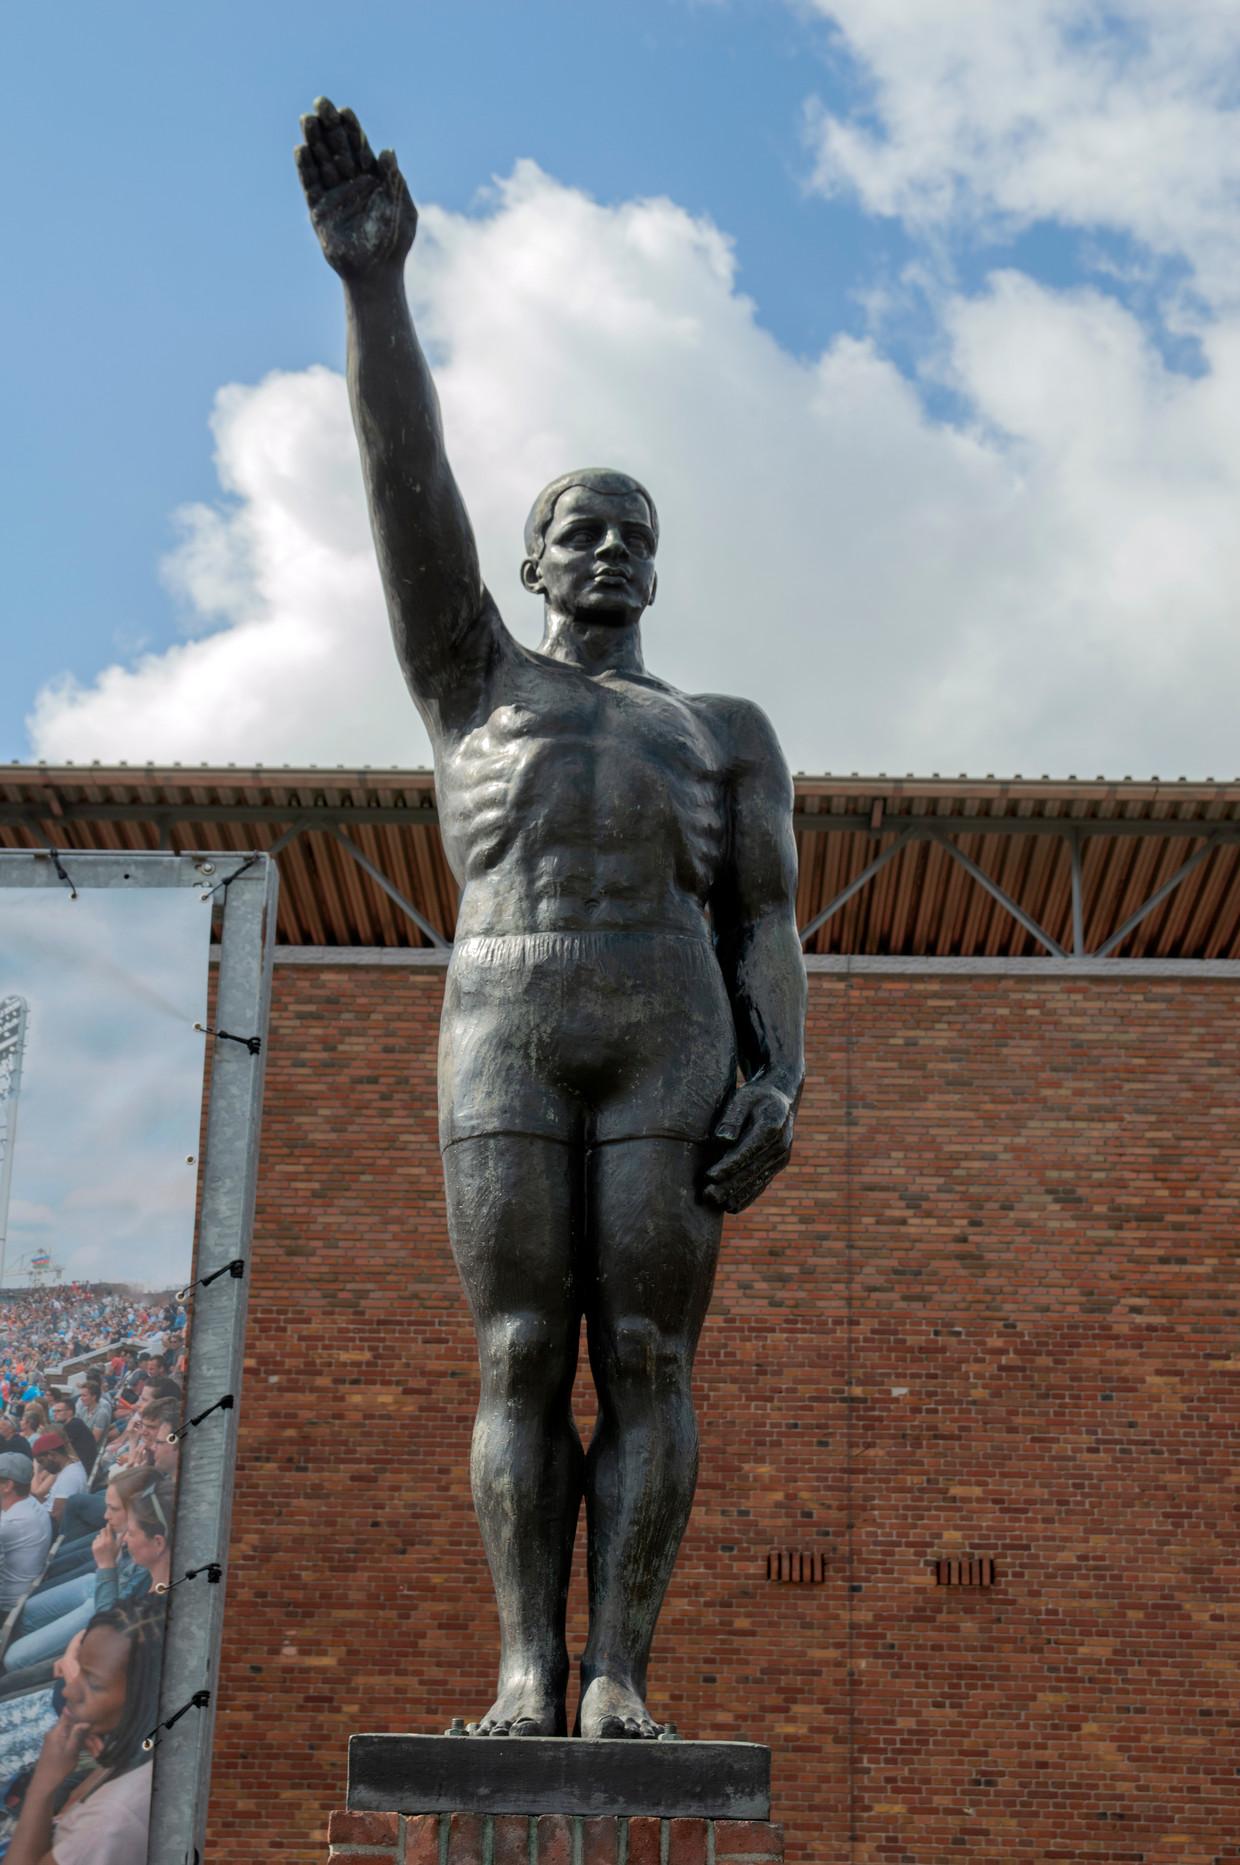 Het standbeeld bij het Olympisch Stadion. Beeld Shutterstock